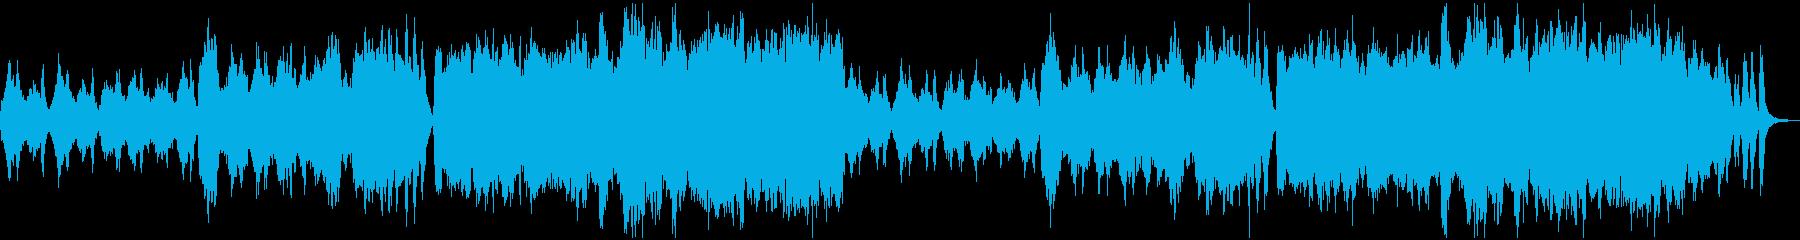 管弦楽によるお洒落なワルツの再生済みの波形